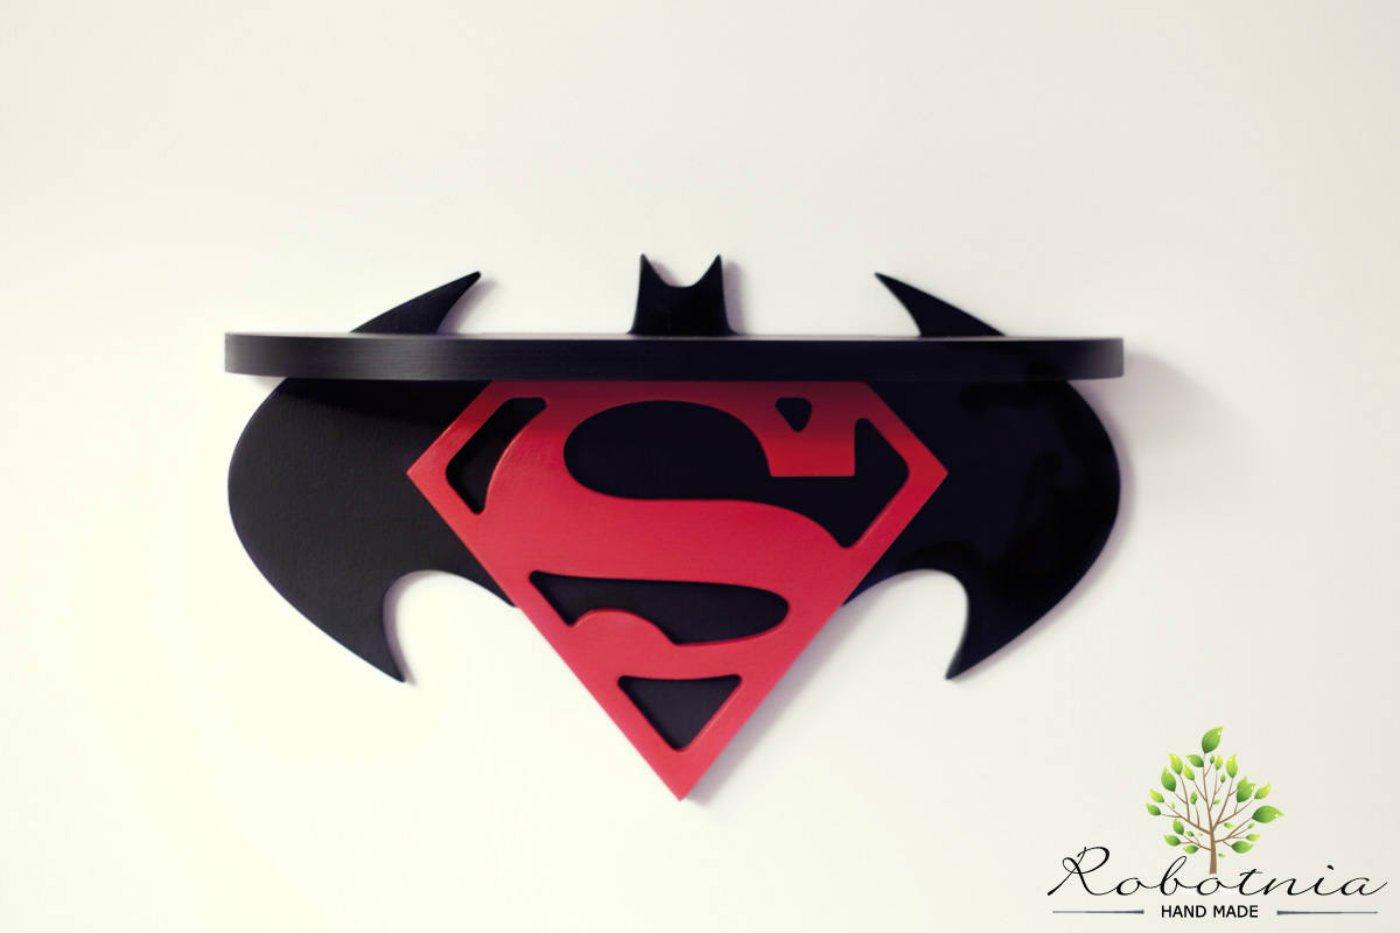 Superhero home design robotnia.jpg